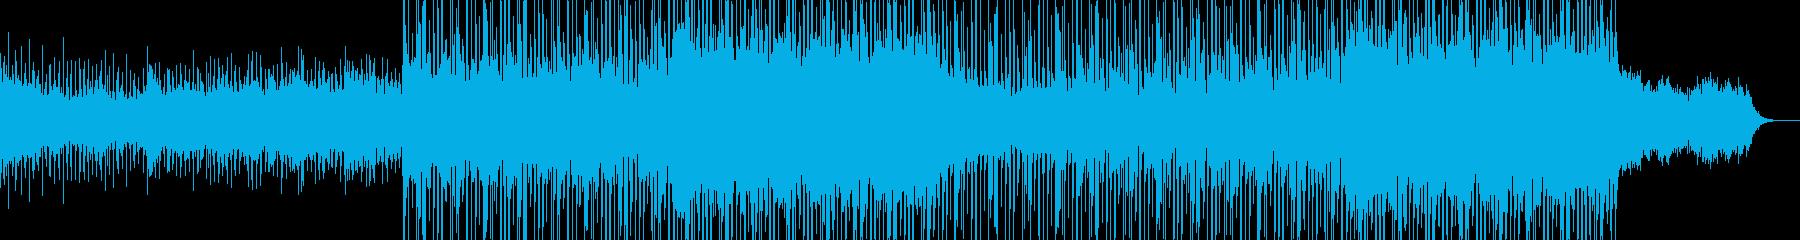 現代的で都会的なシンセミュージック-18の再生済みの波形